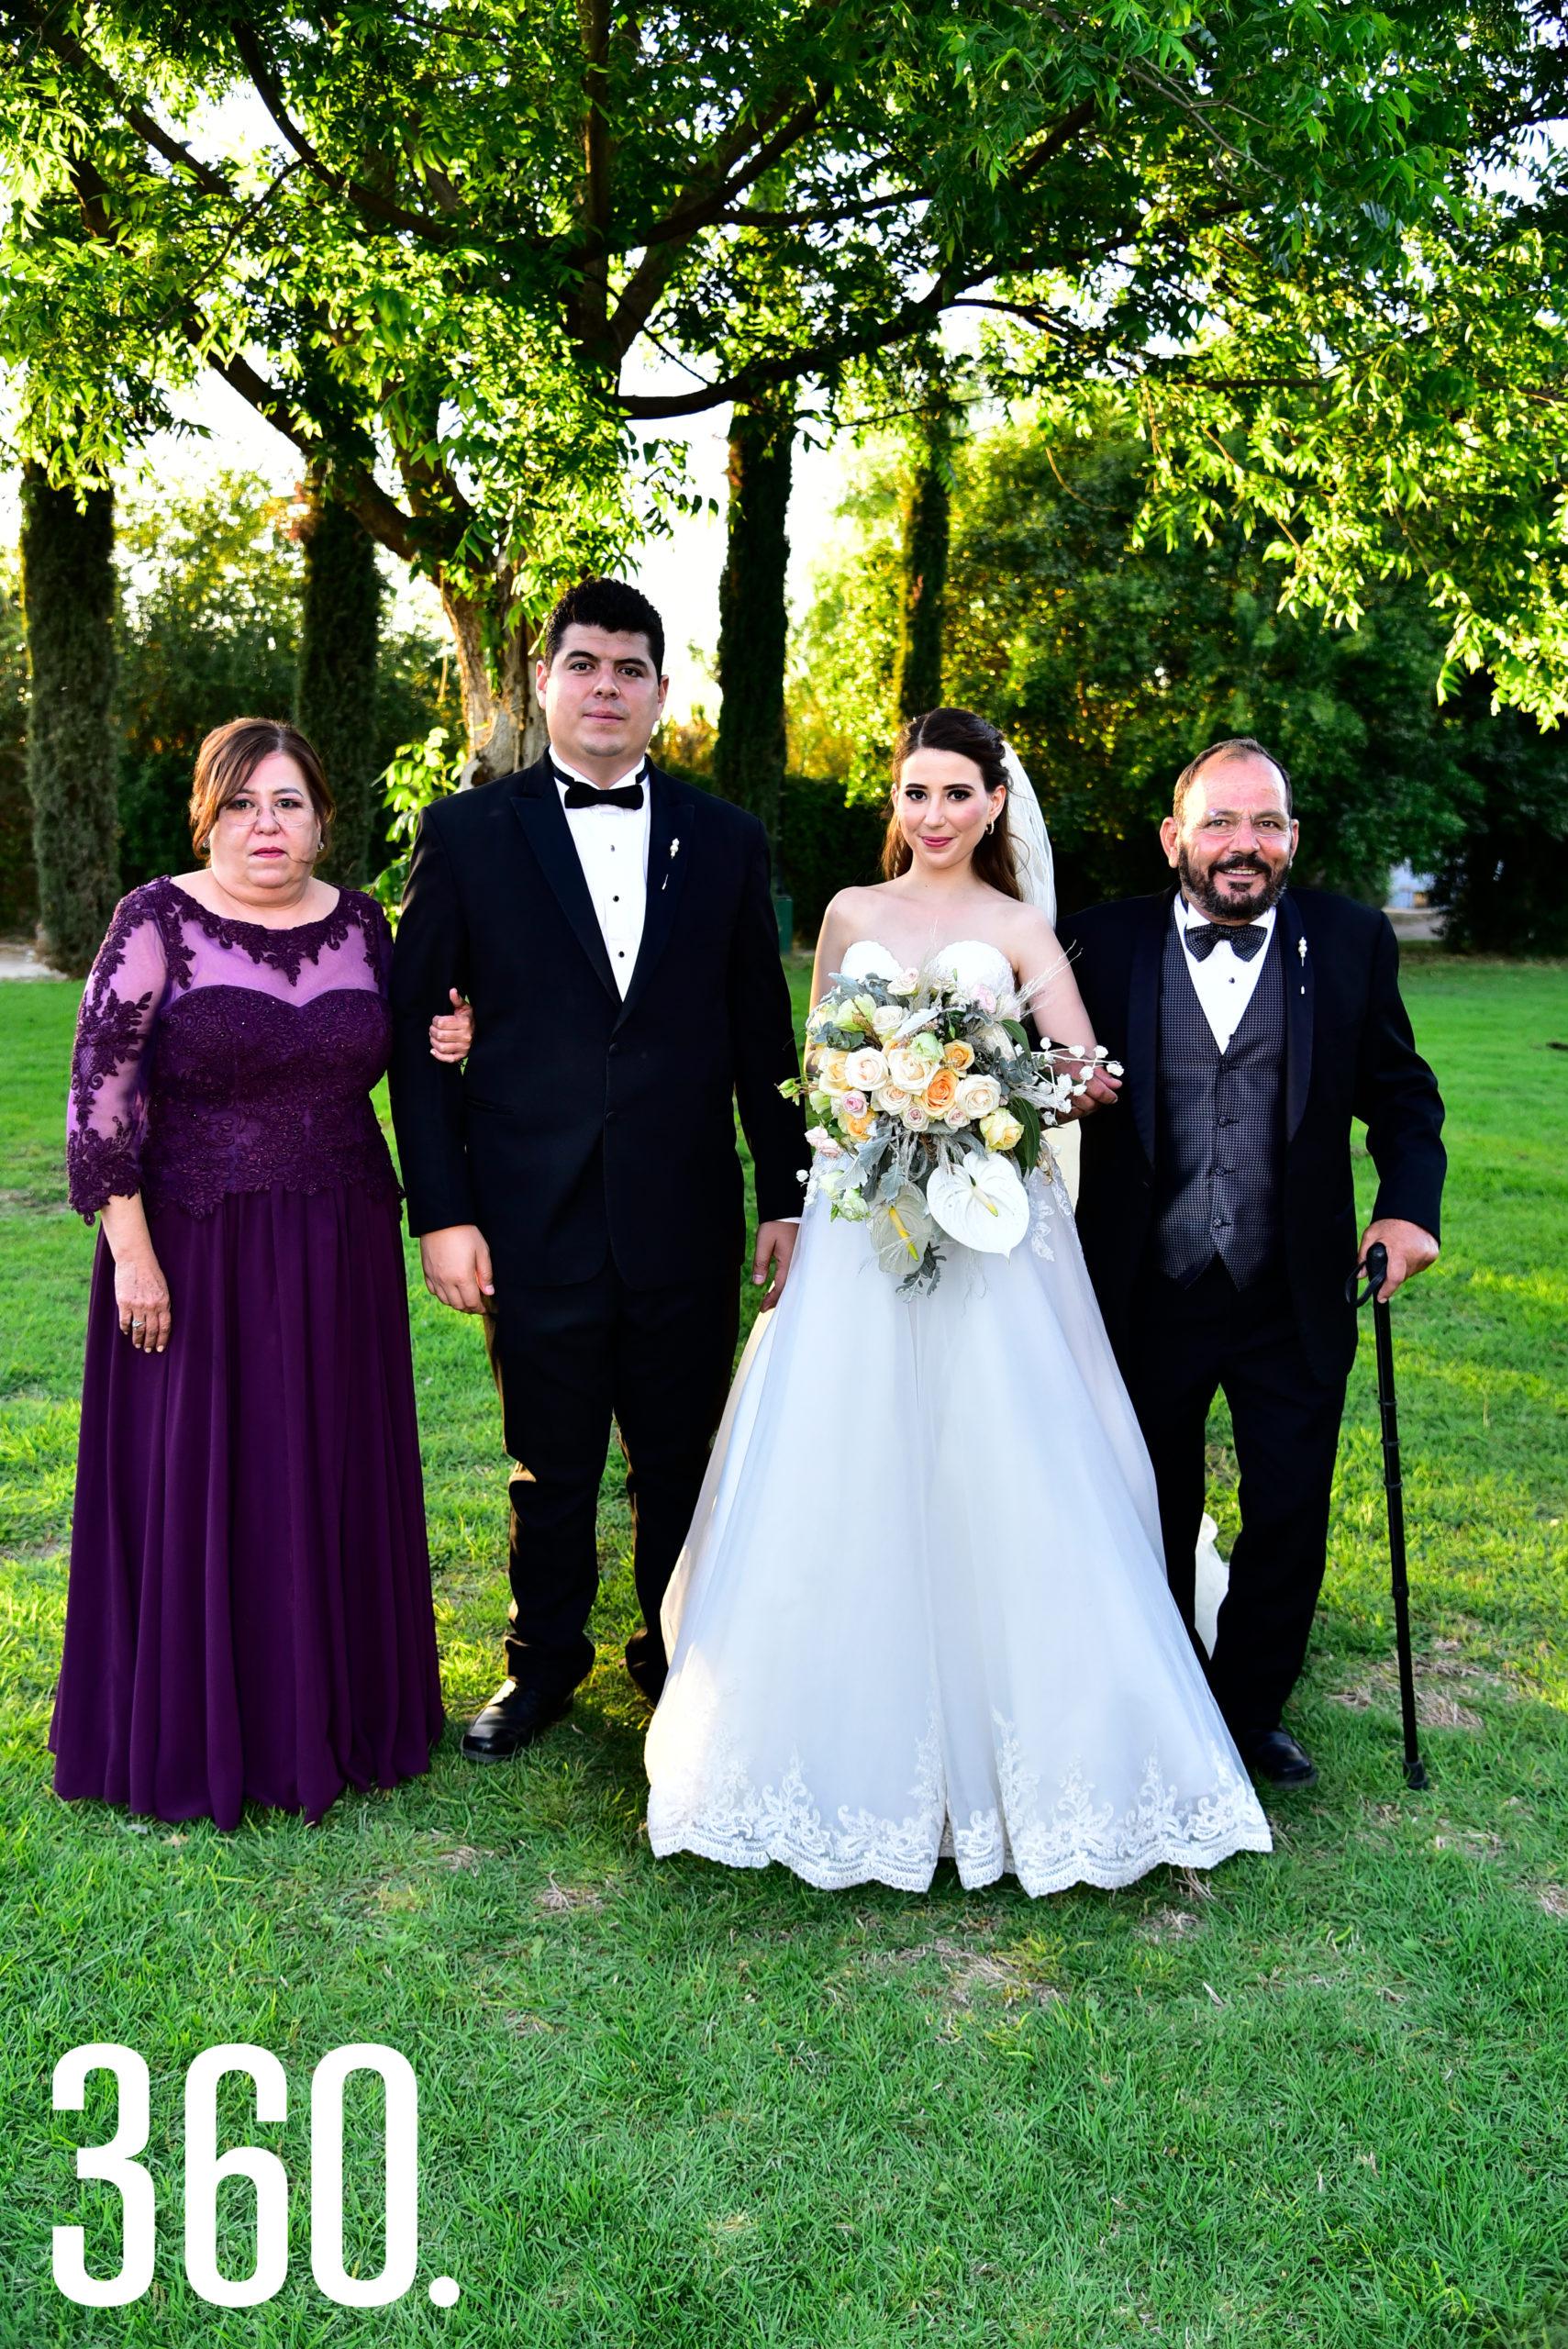 Arturo Soto y Marycarmen Rodríguez acompañados por los papás de la novia, María del Carmen Gutiérrez y Sergio Eduardo Rodríguez.